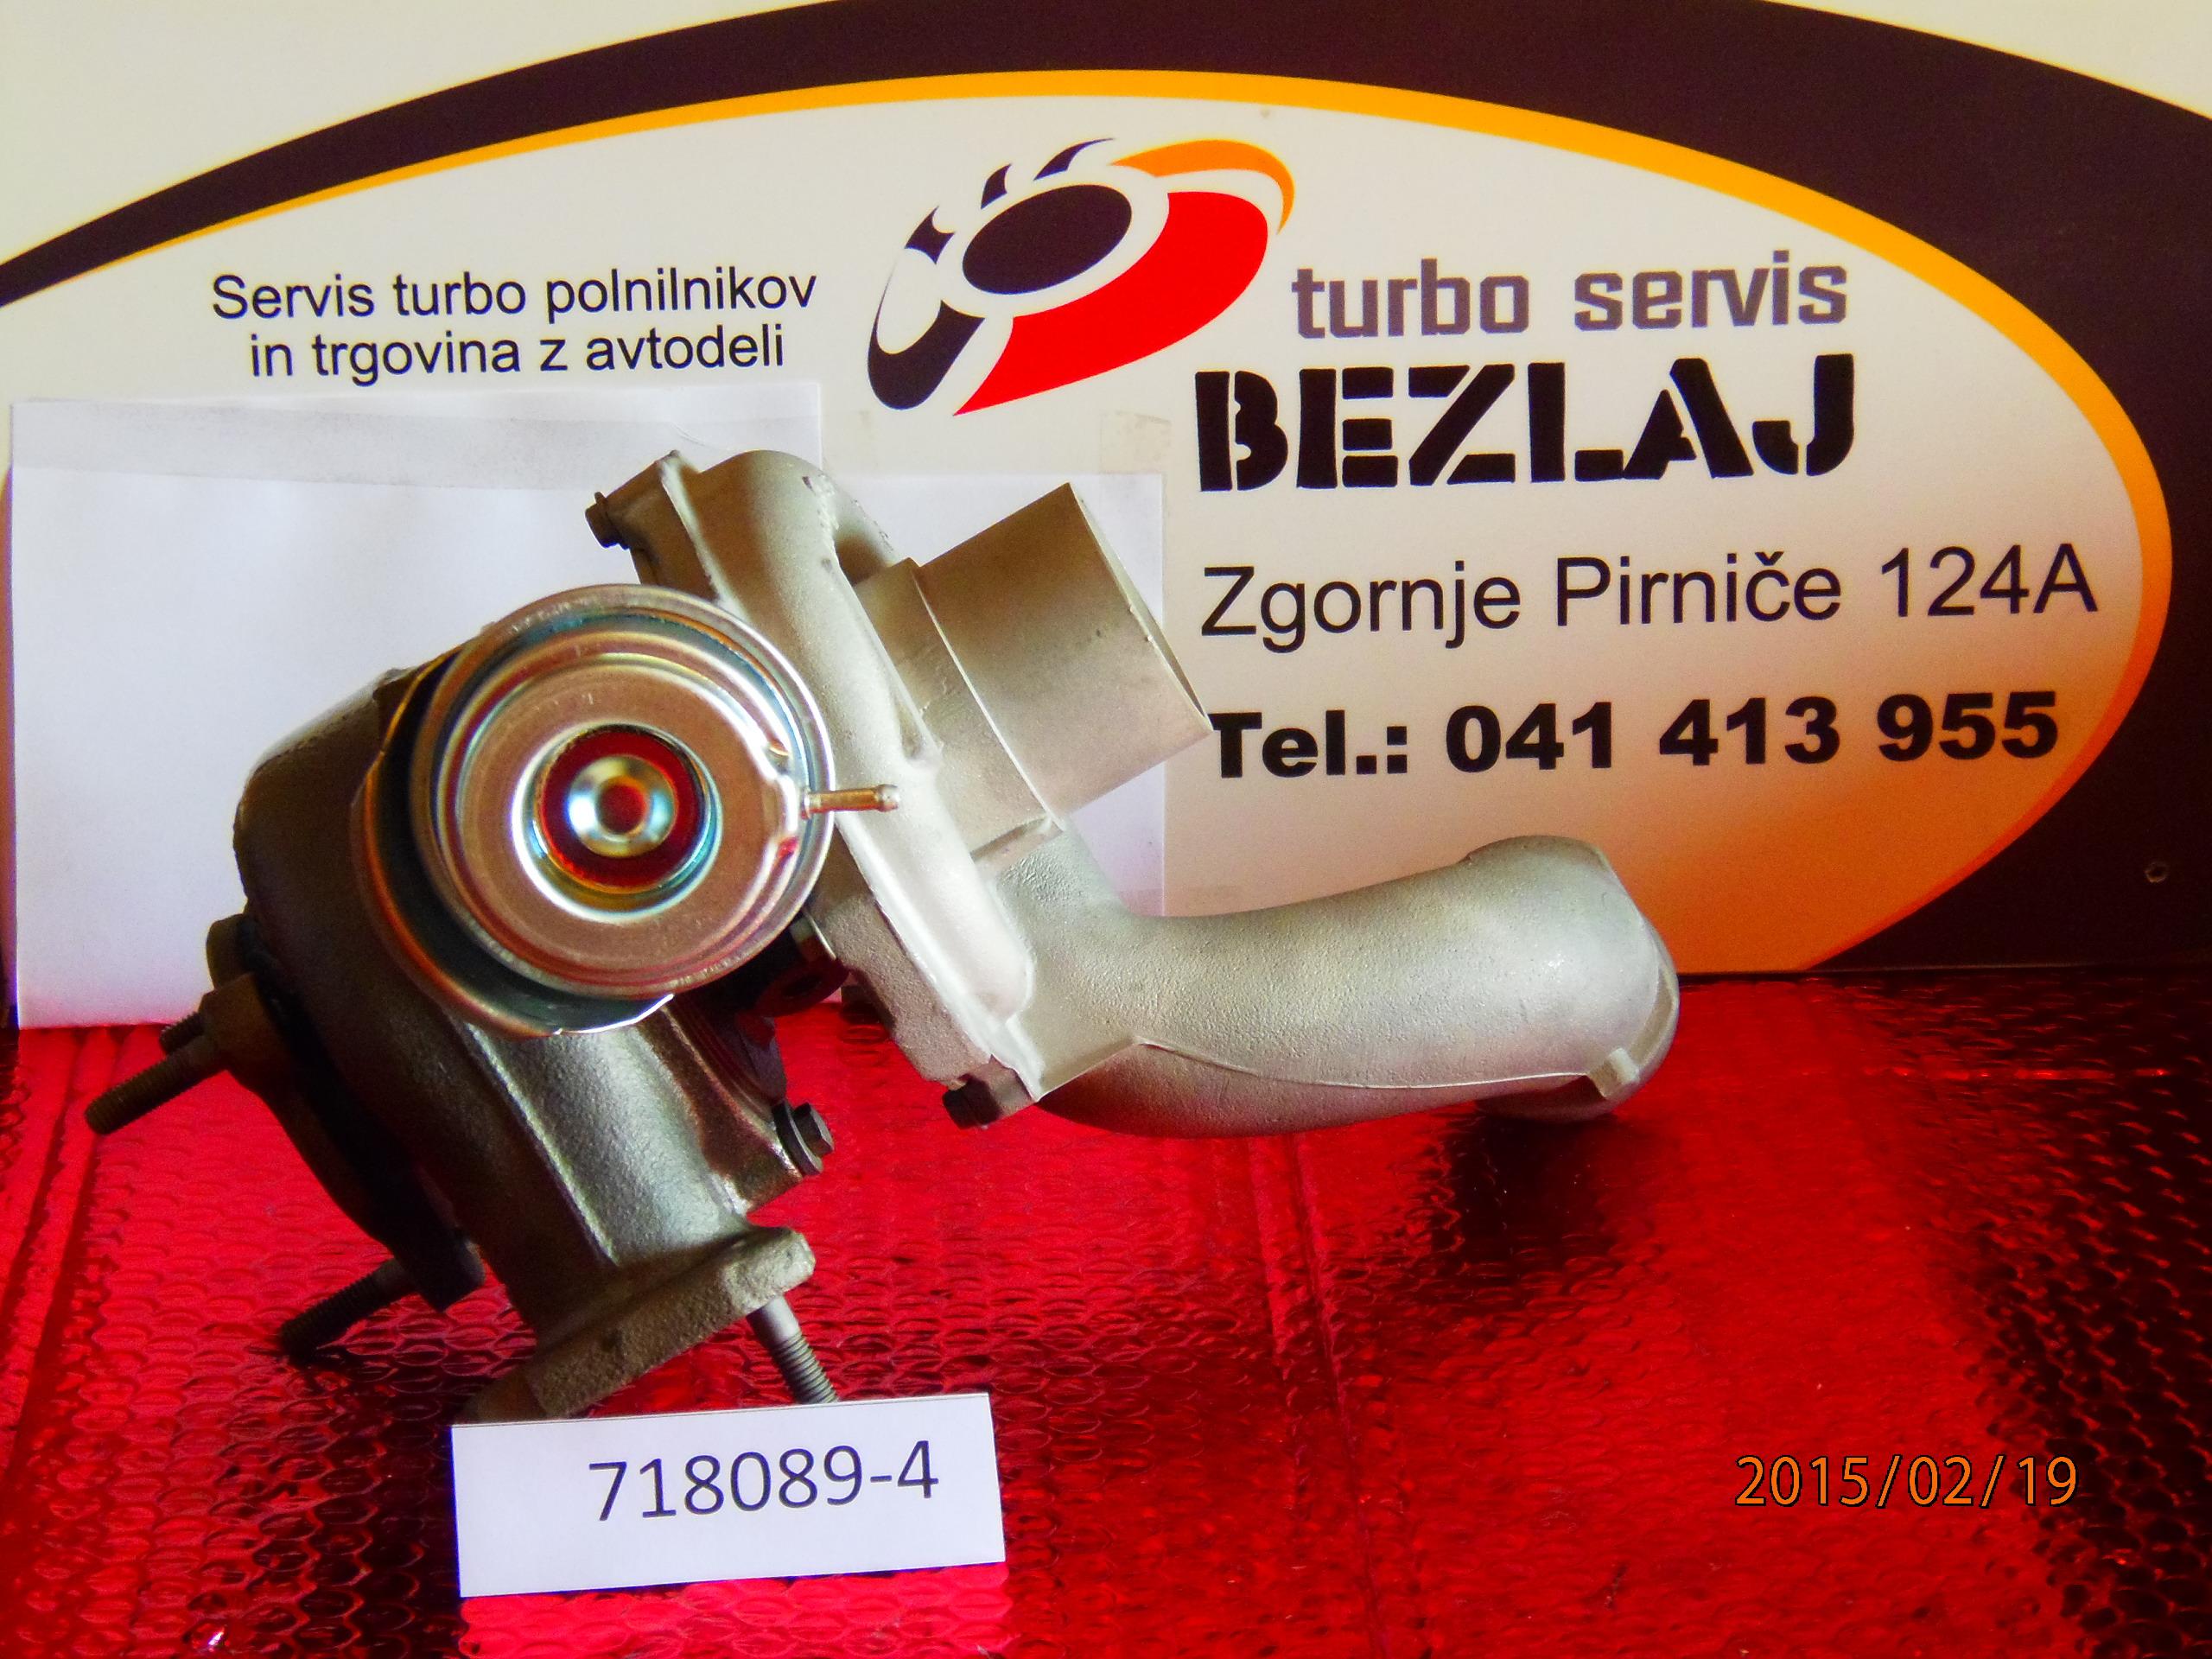 turbo718089-4 1